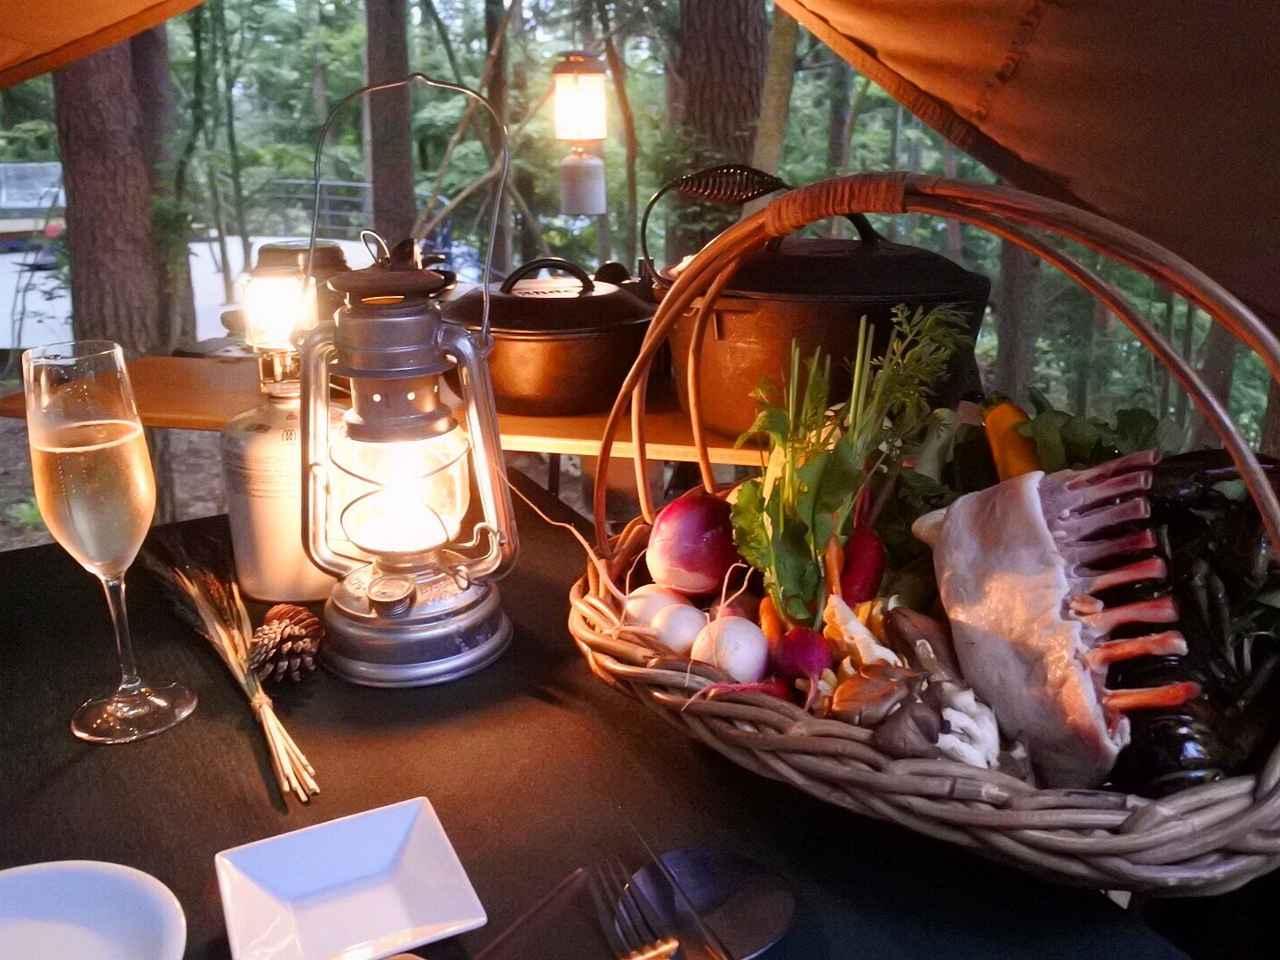 画像1: 星のや富士 のおすすめディナーは「クラウドキッチン」